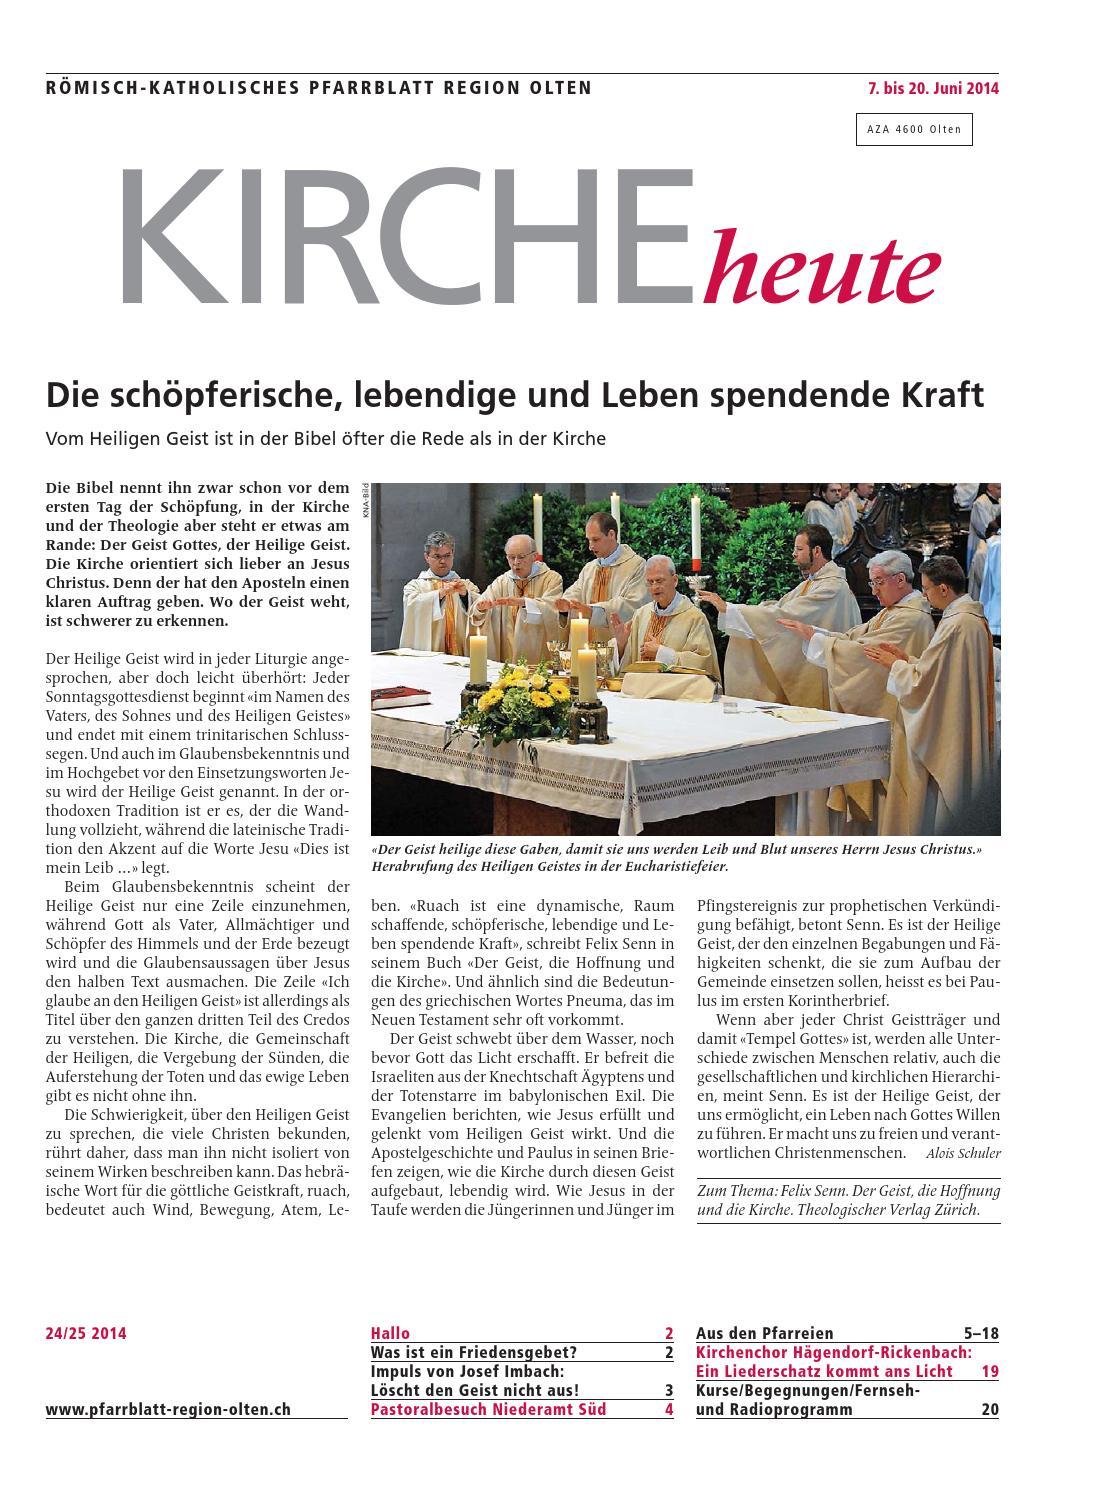 Rmisch-katholisches Pfarrblatt Region Olten 35/2013 by